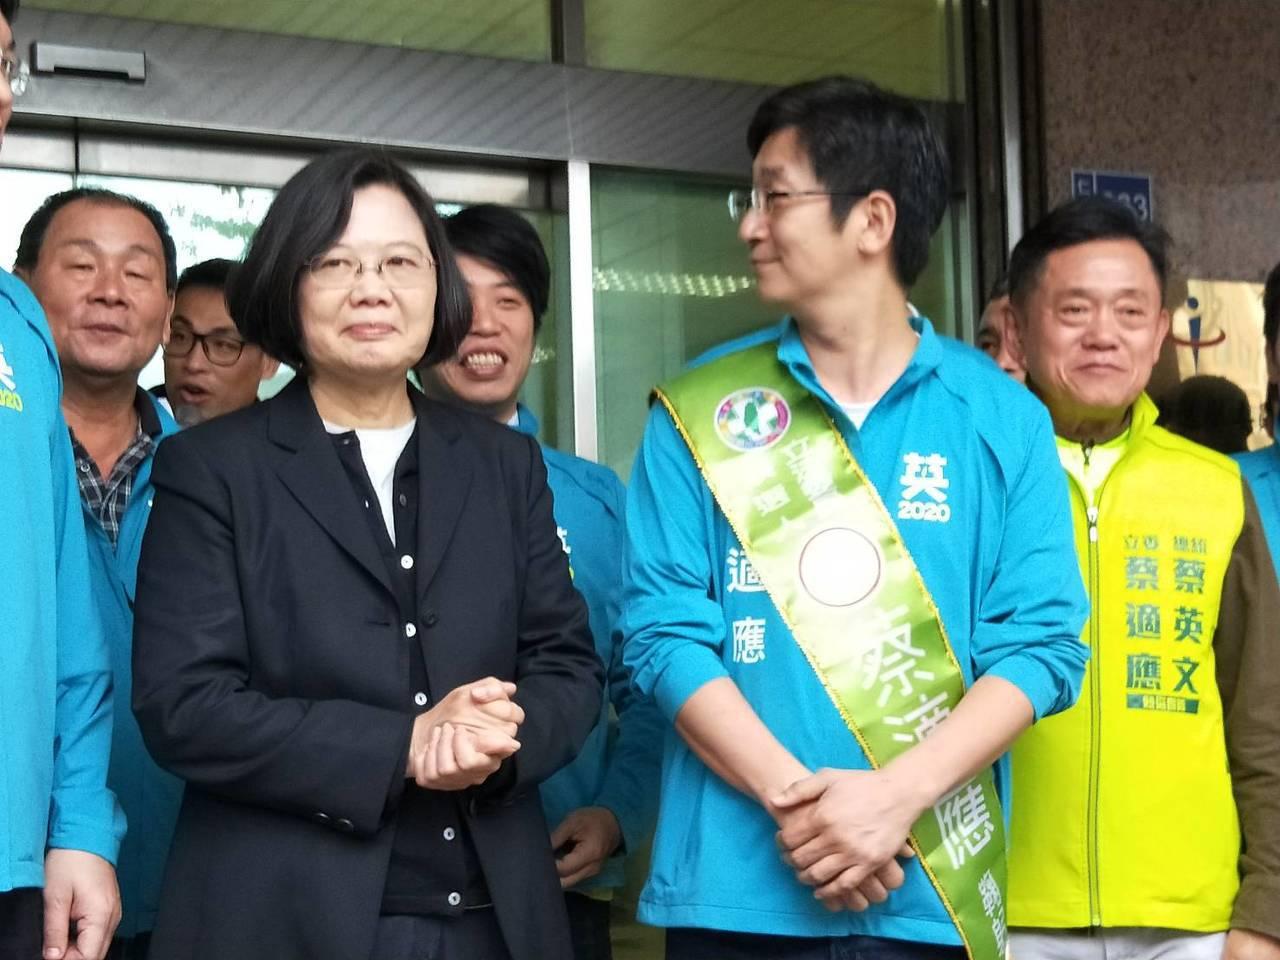 韓國瑜房產爭議,蔡英文說,需要當事人出來把事情說清楚,這也是攸關政治人物誠信問題...